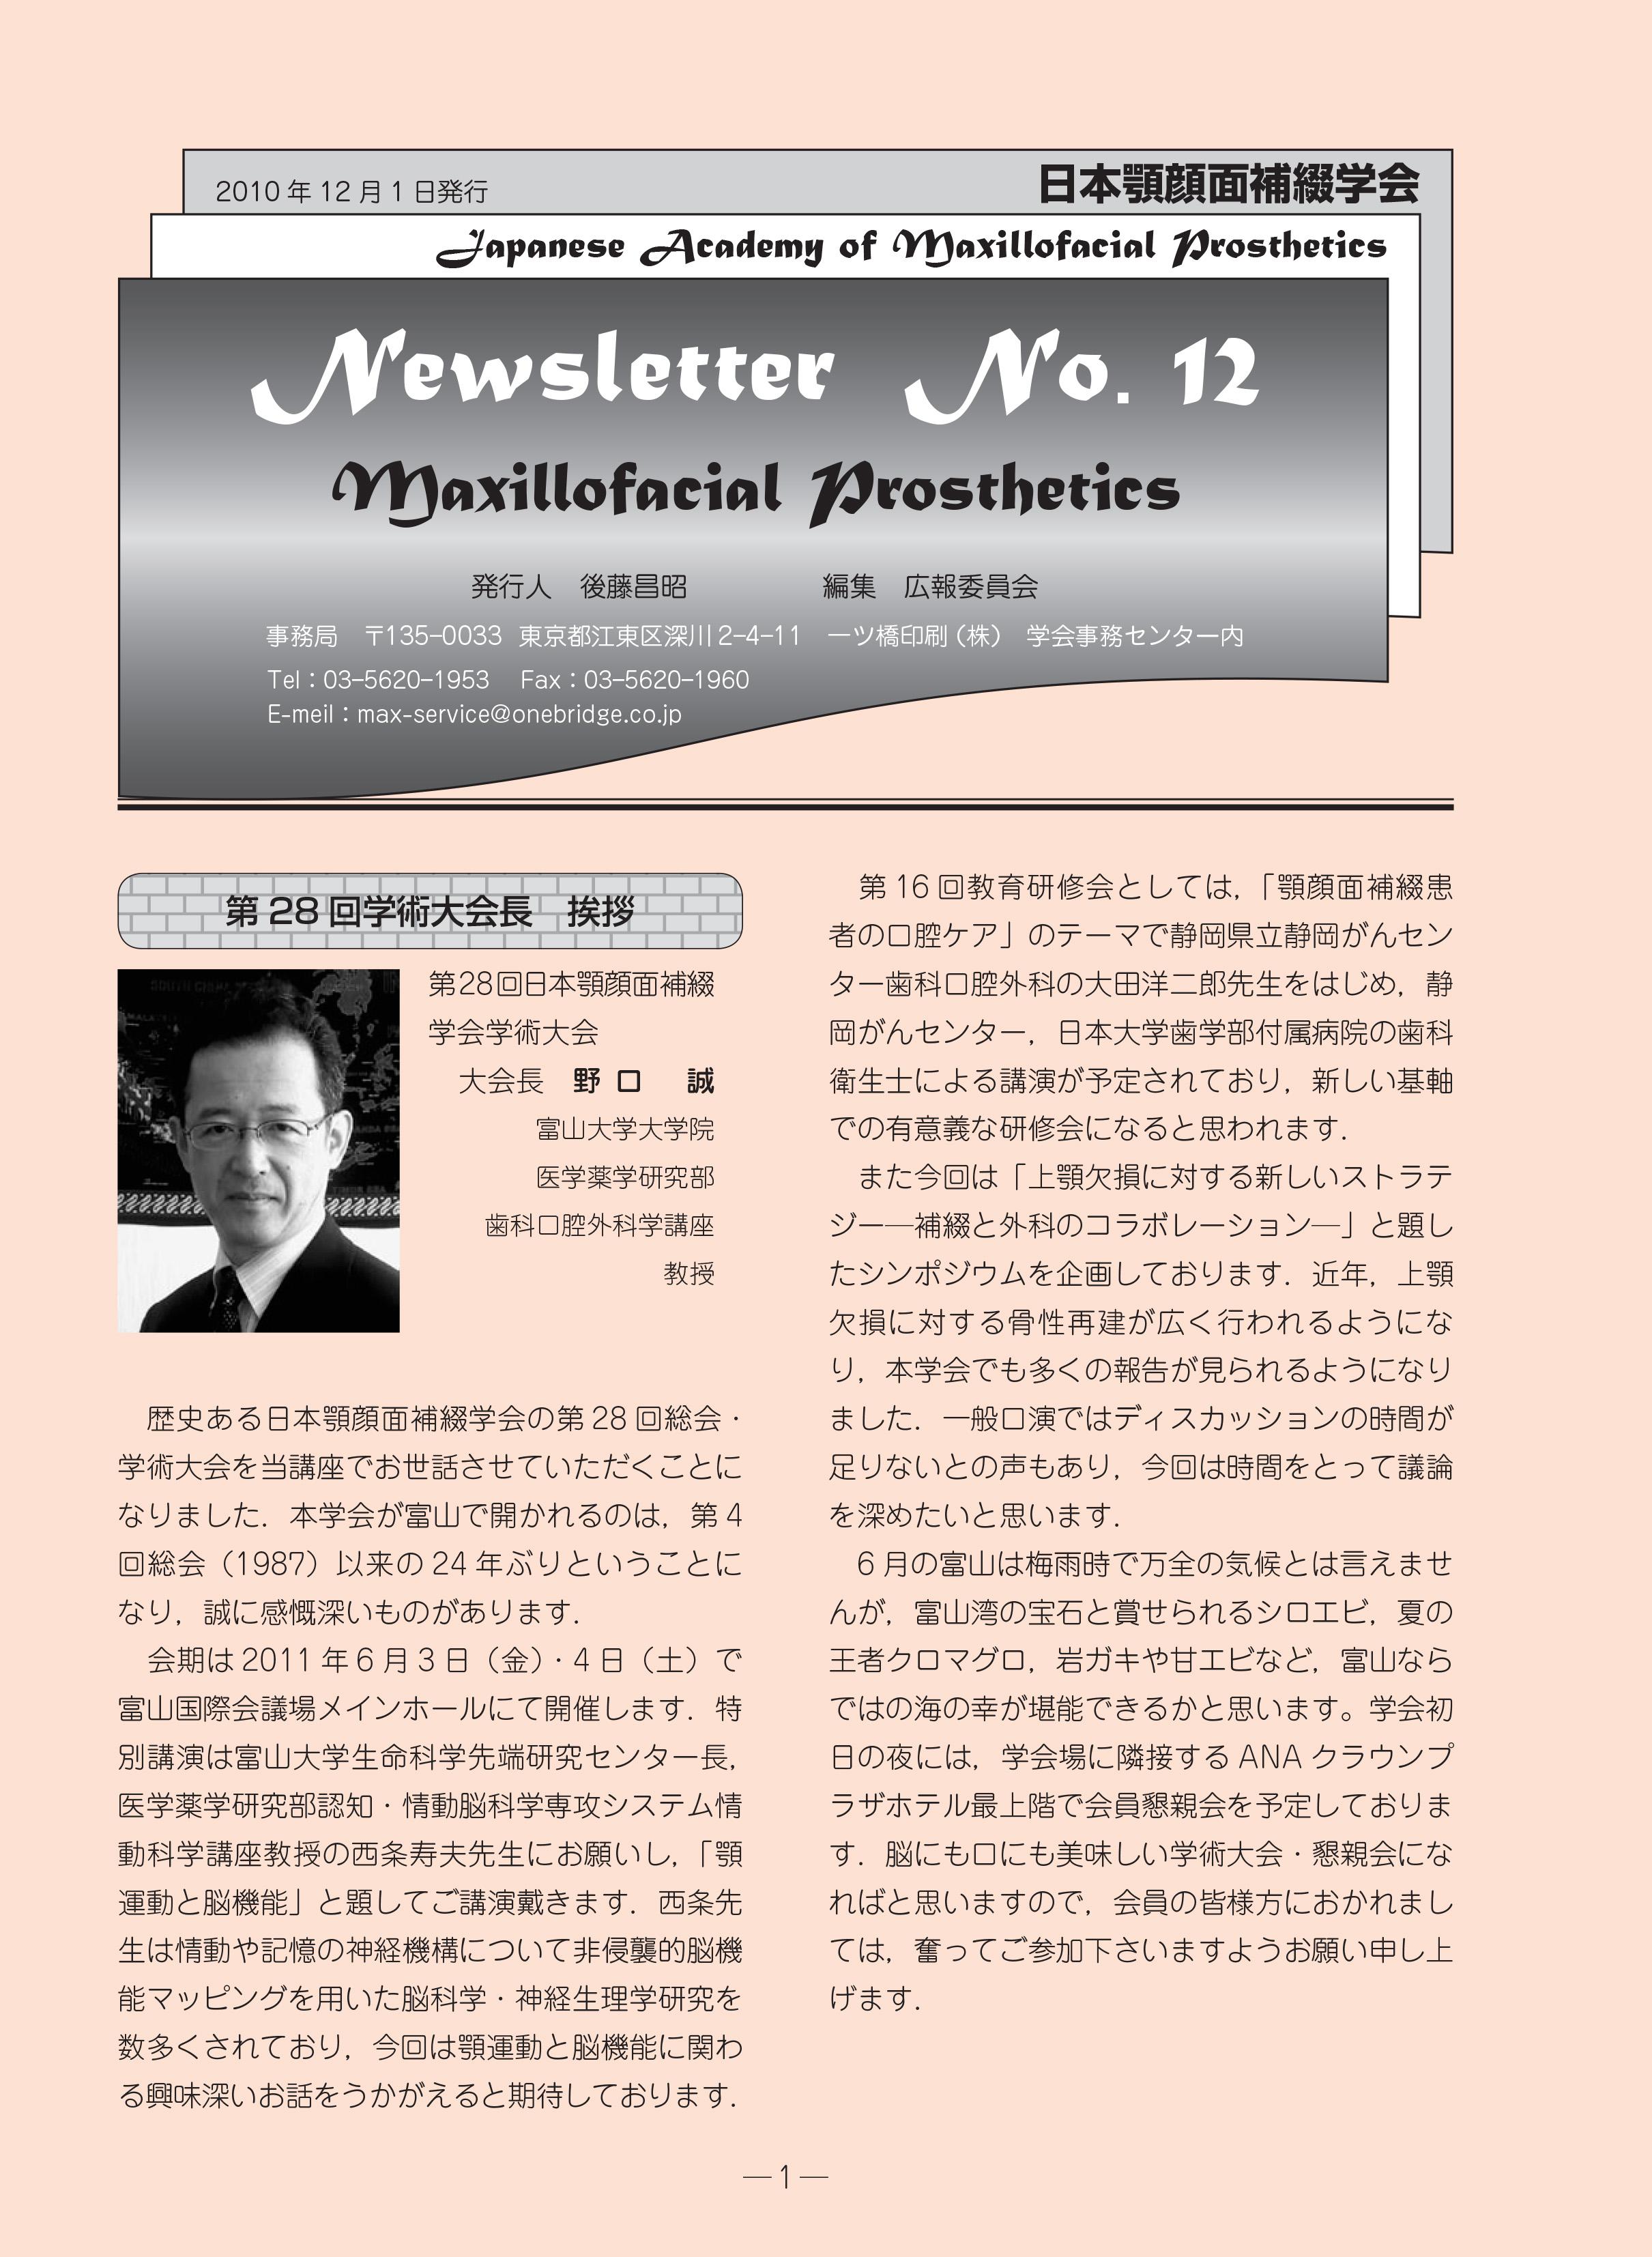 ニュースレター No.12